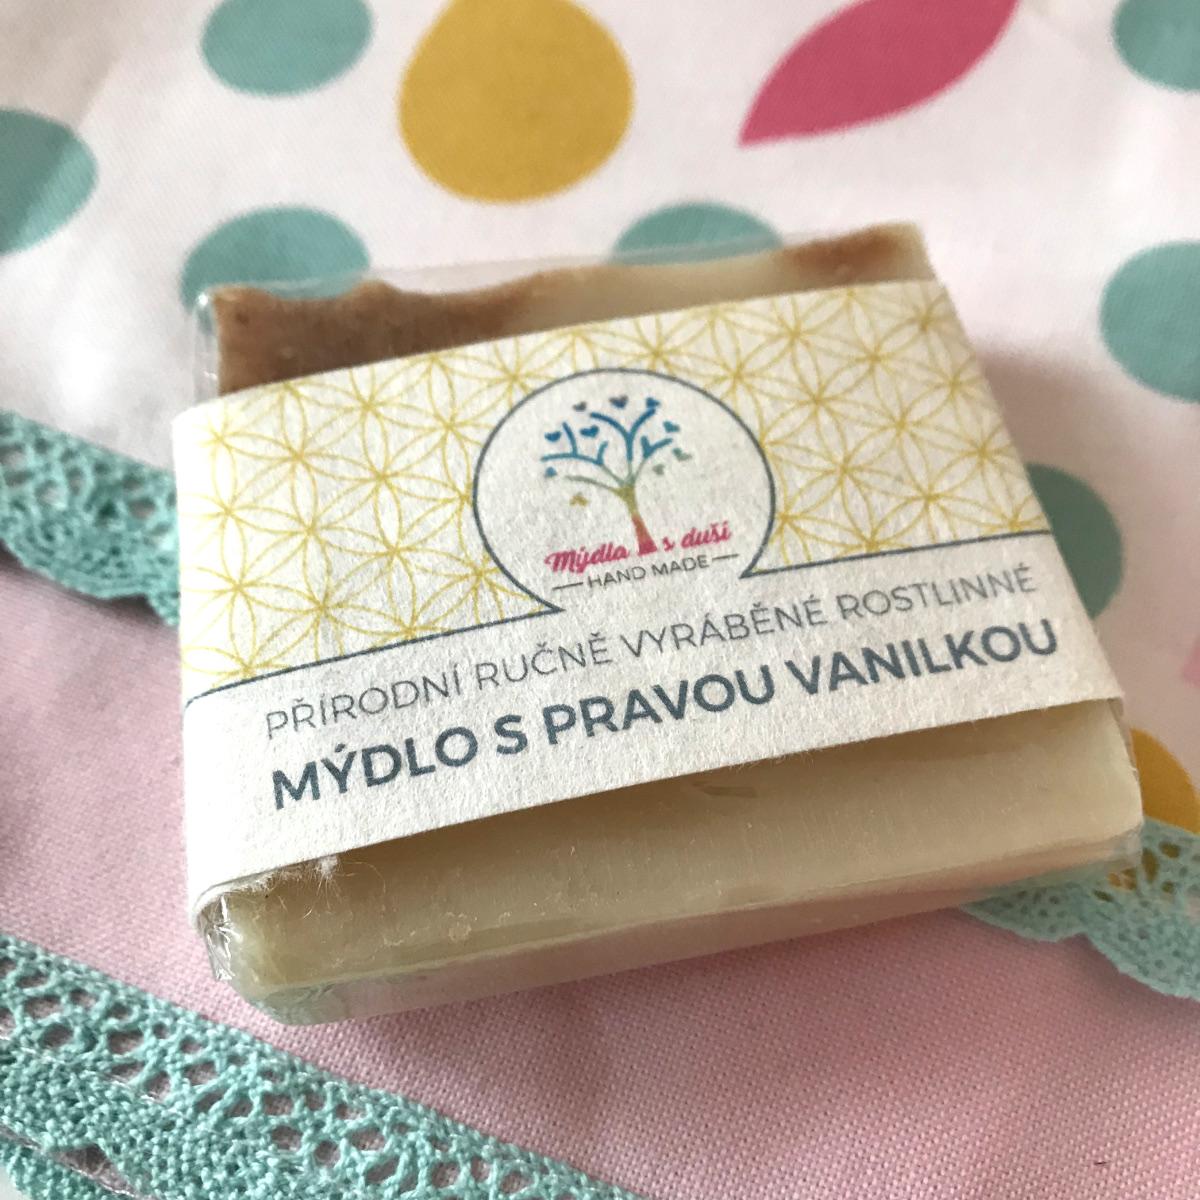 mydlo_vanilka